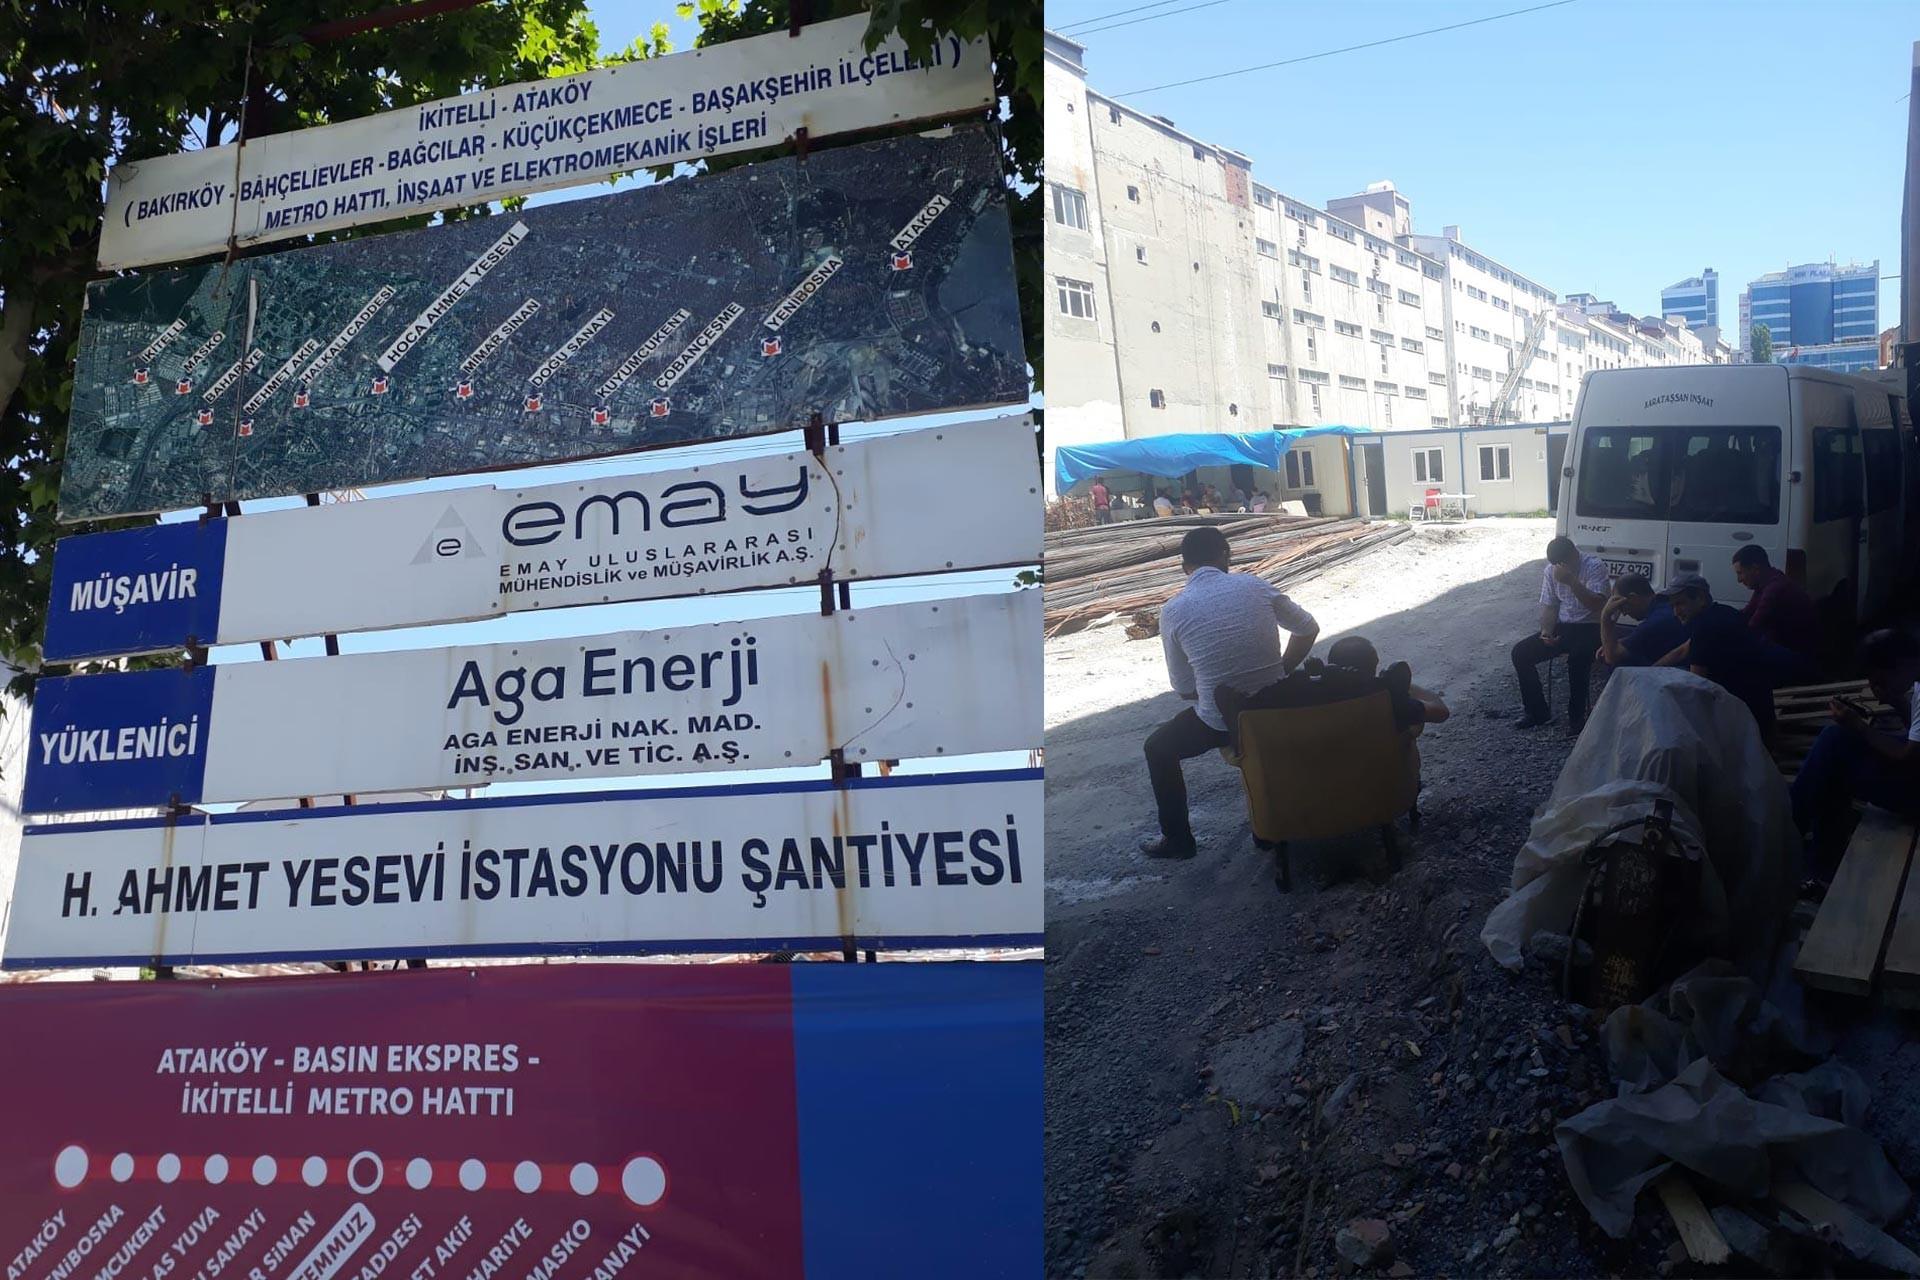 İkitelli-Ataköy metro inşaatında çalışan işçilerin ücretleri 2 aydır ödenmiyor